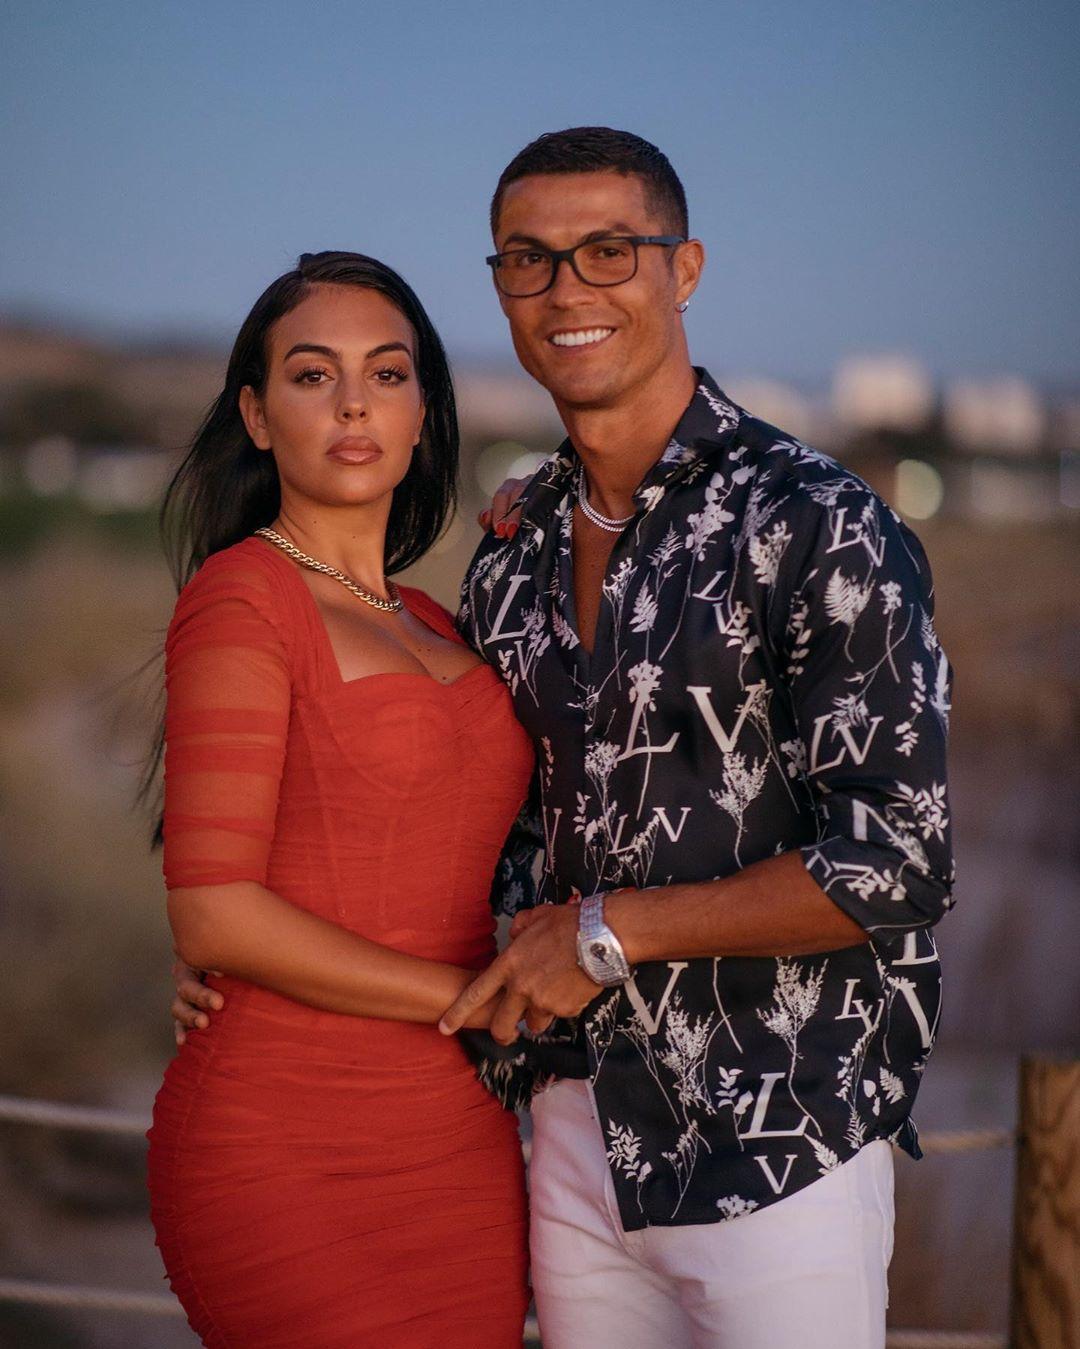 Cristiano Ronaldo Sevgilisine 6 Milyon TL Değerinde Yüzük Aldı - 2